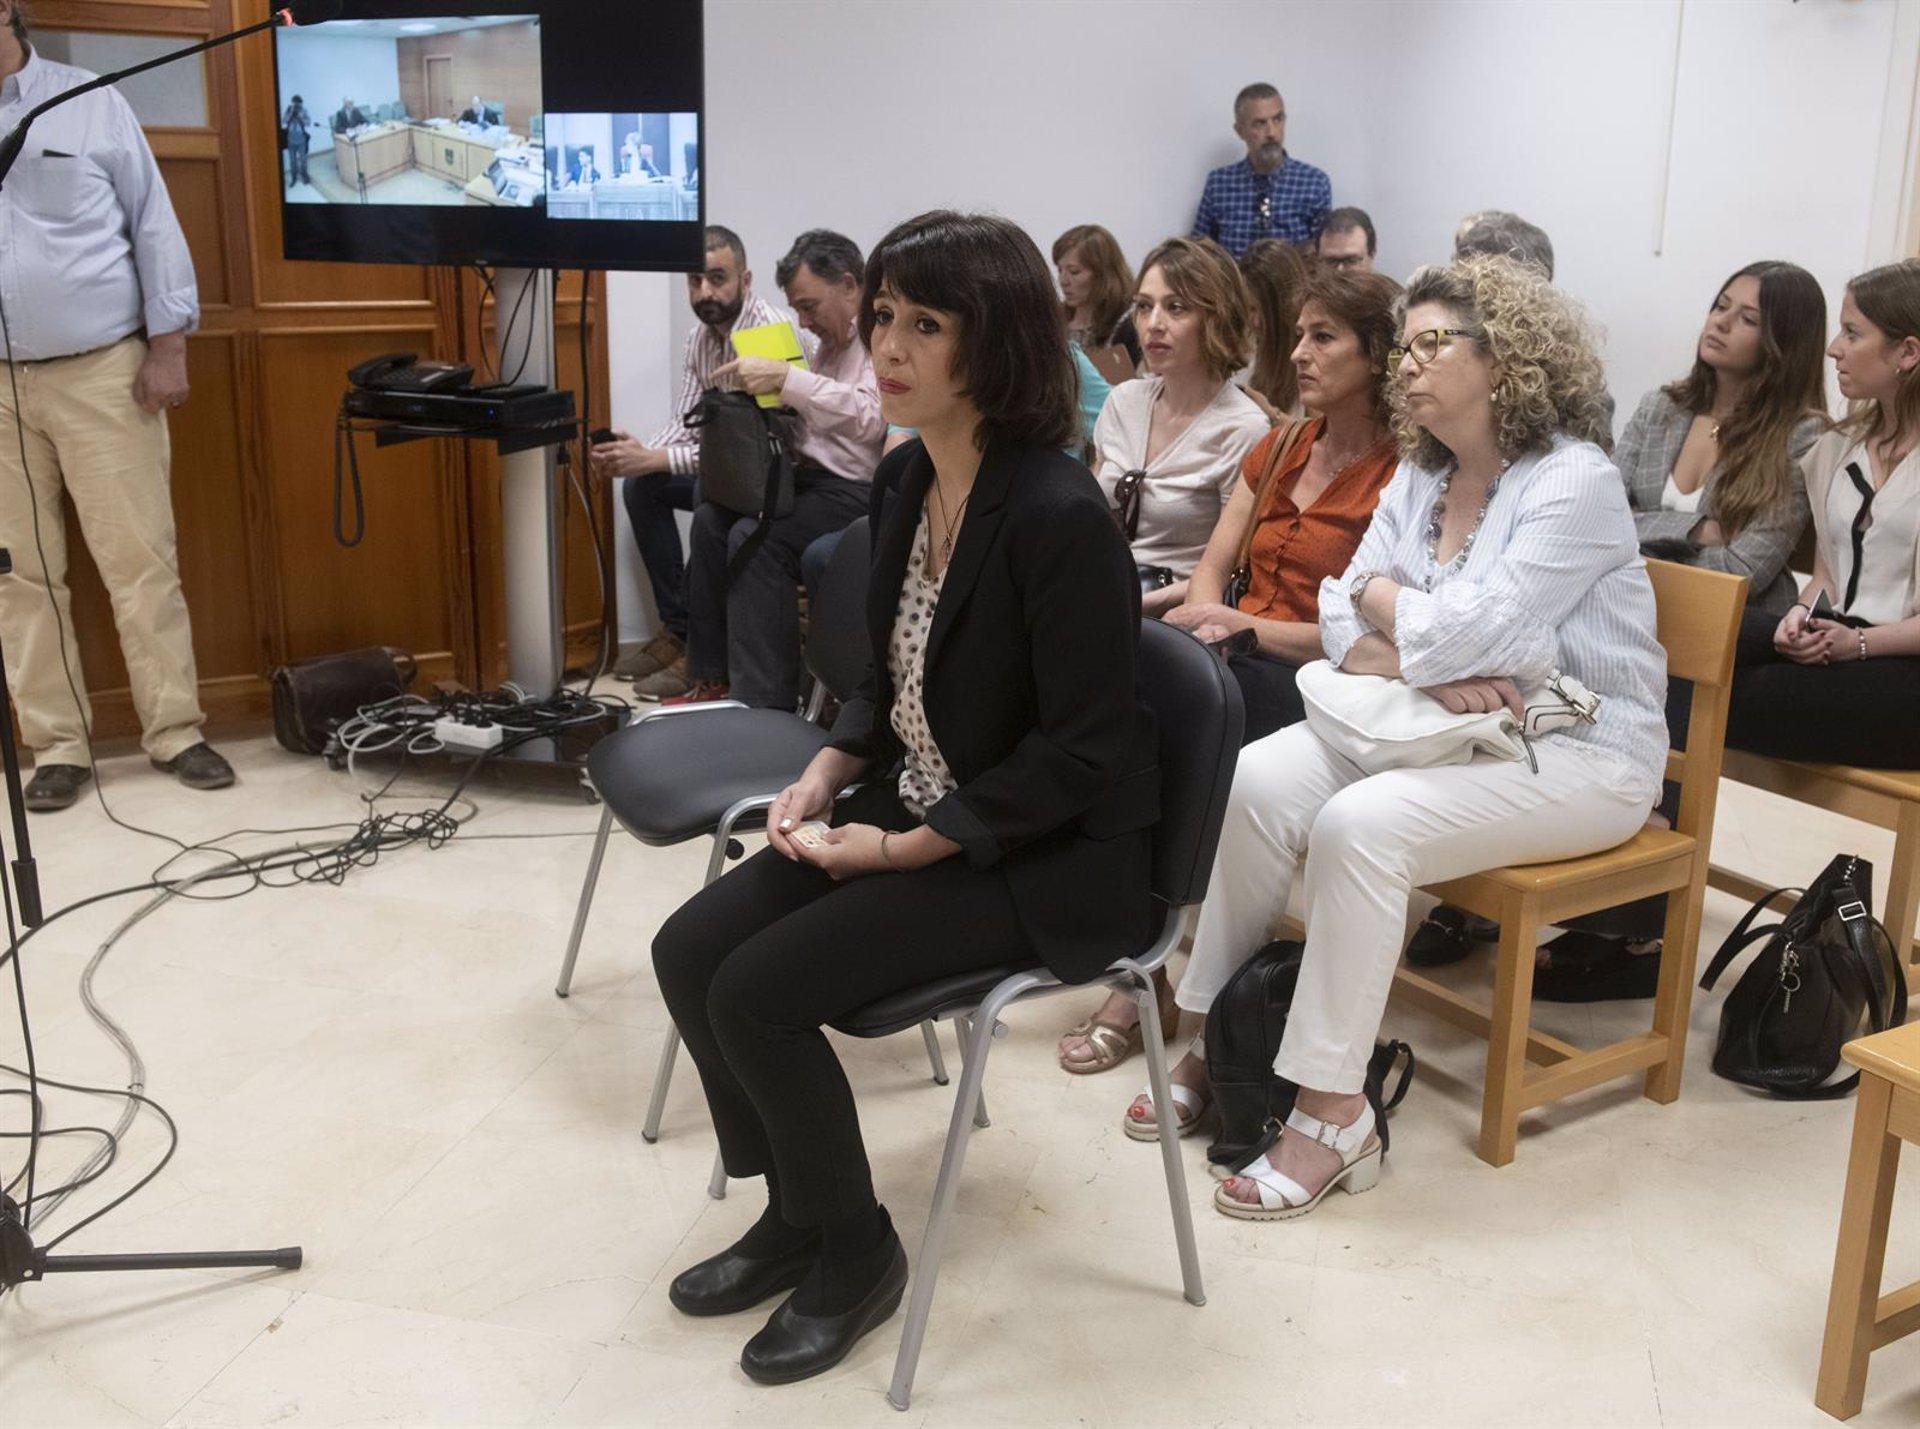 El juez rechaza suspender la pena a Juana Rivas y acuerda su ingreso en prisión